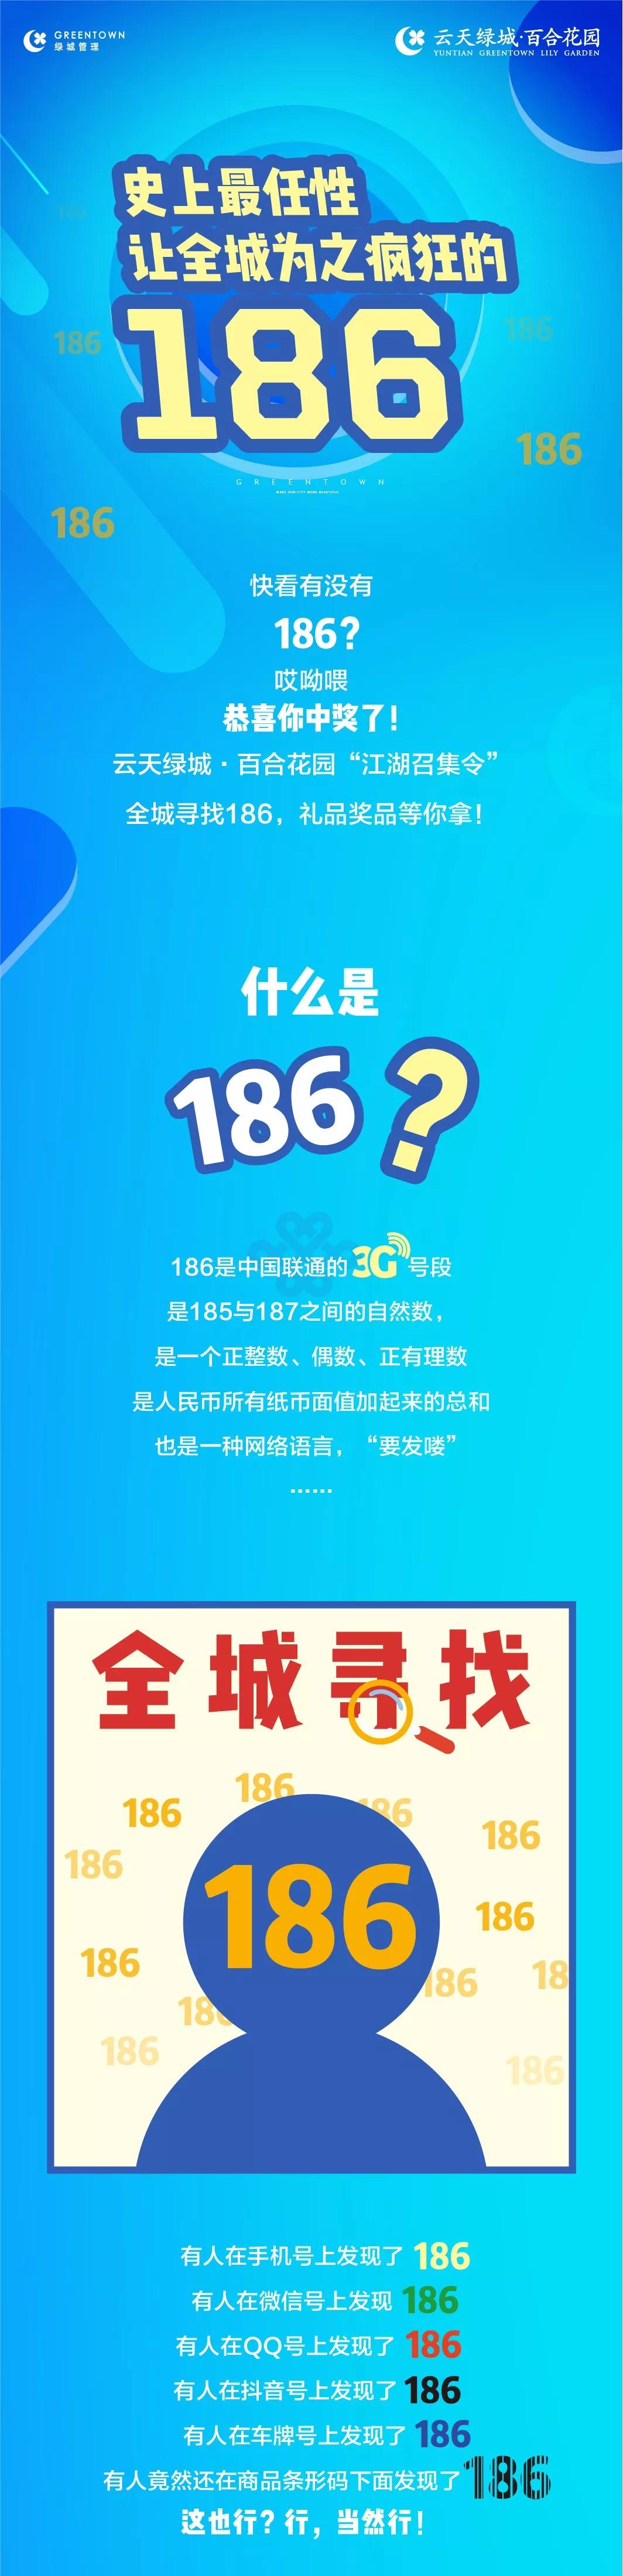 史上最任性――全城寻找186!!!